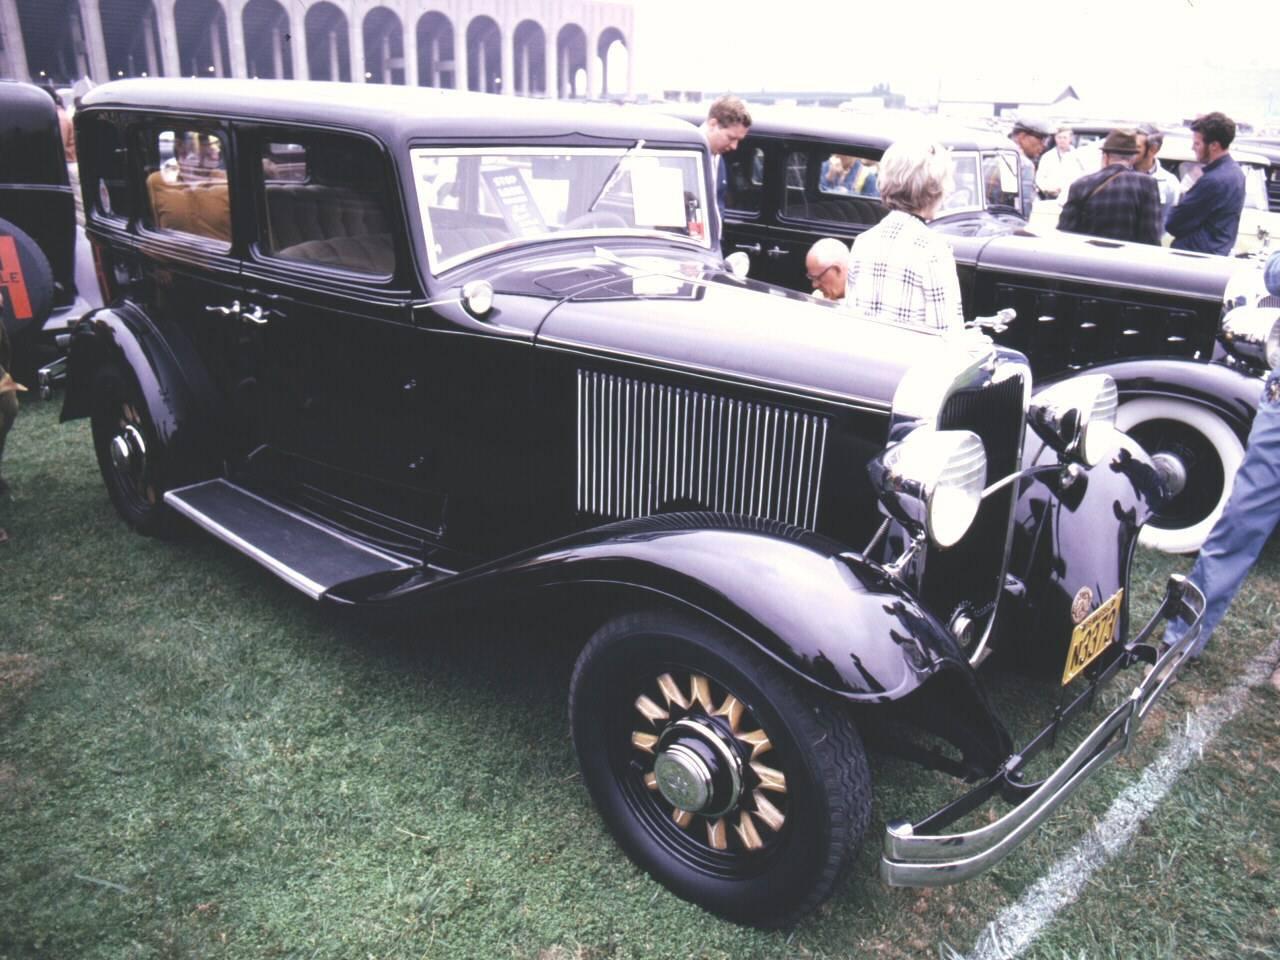 Voitures Anciennes 3 1932 Dodge Wiring Diagram 4 Door Sedan Black